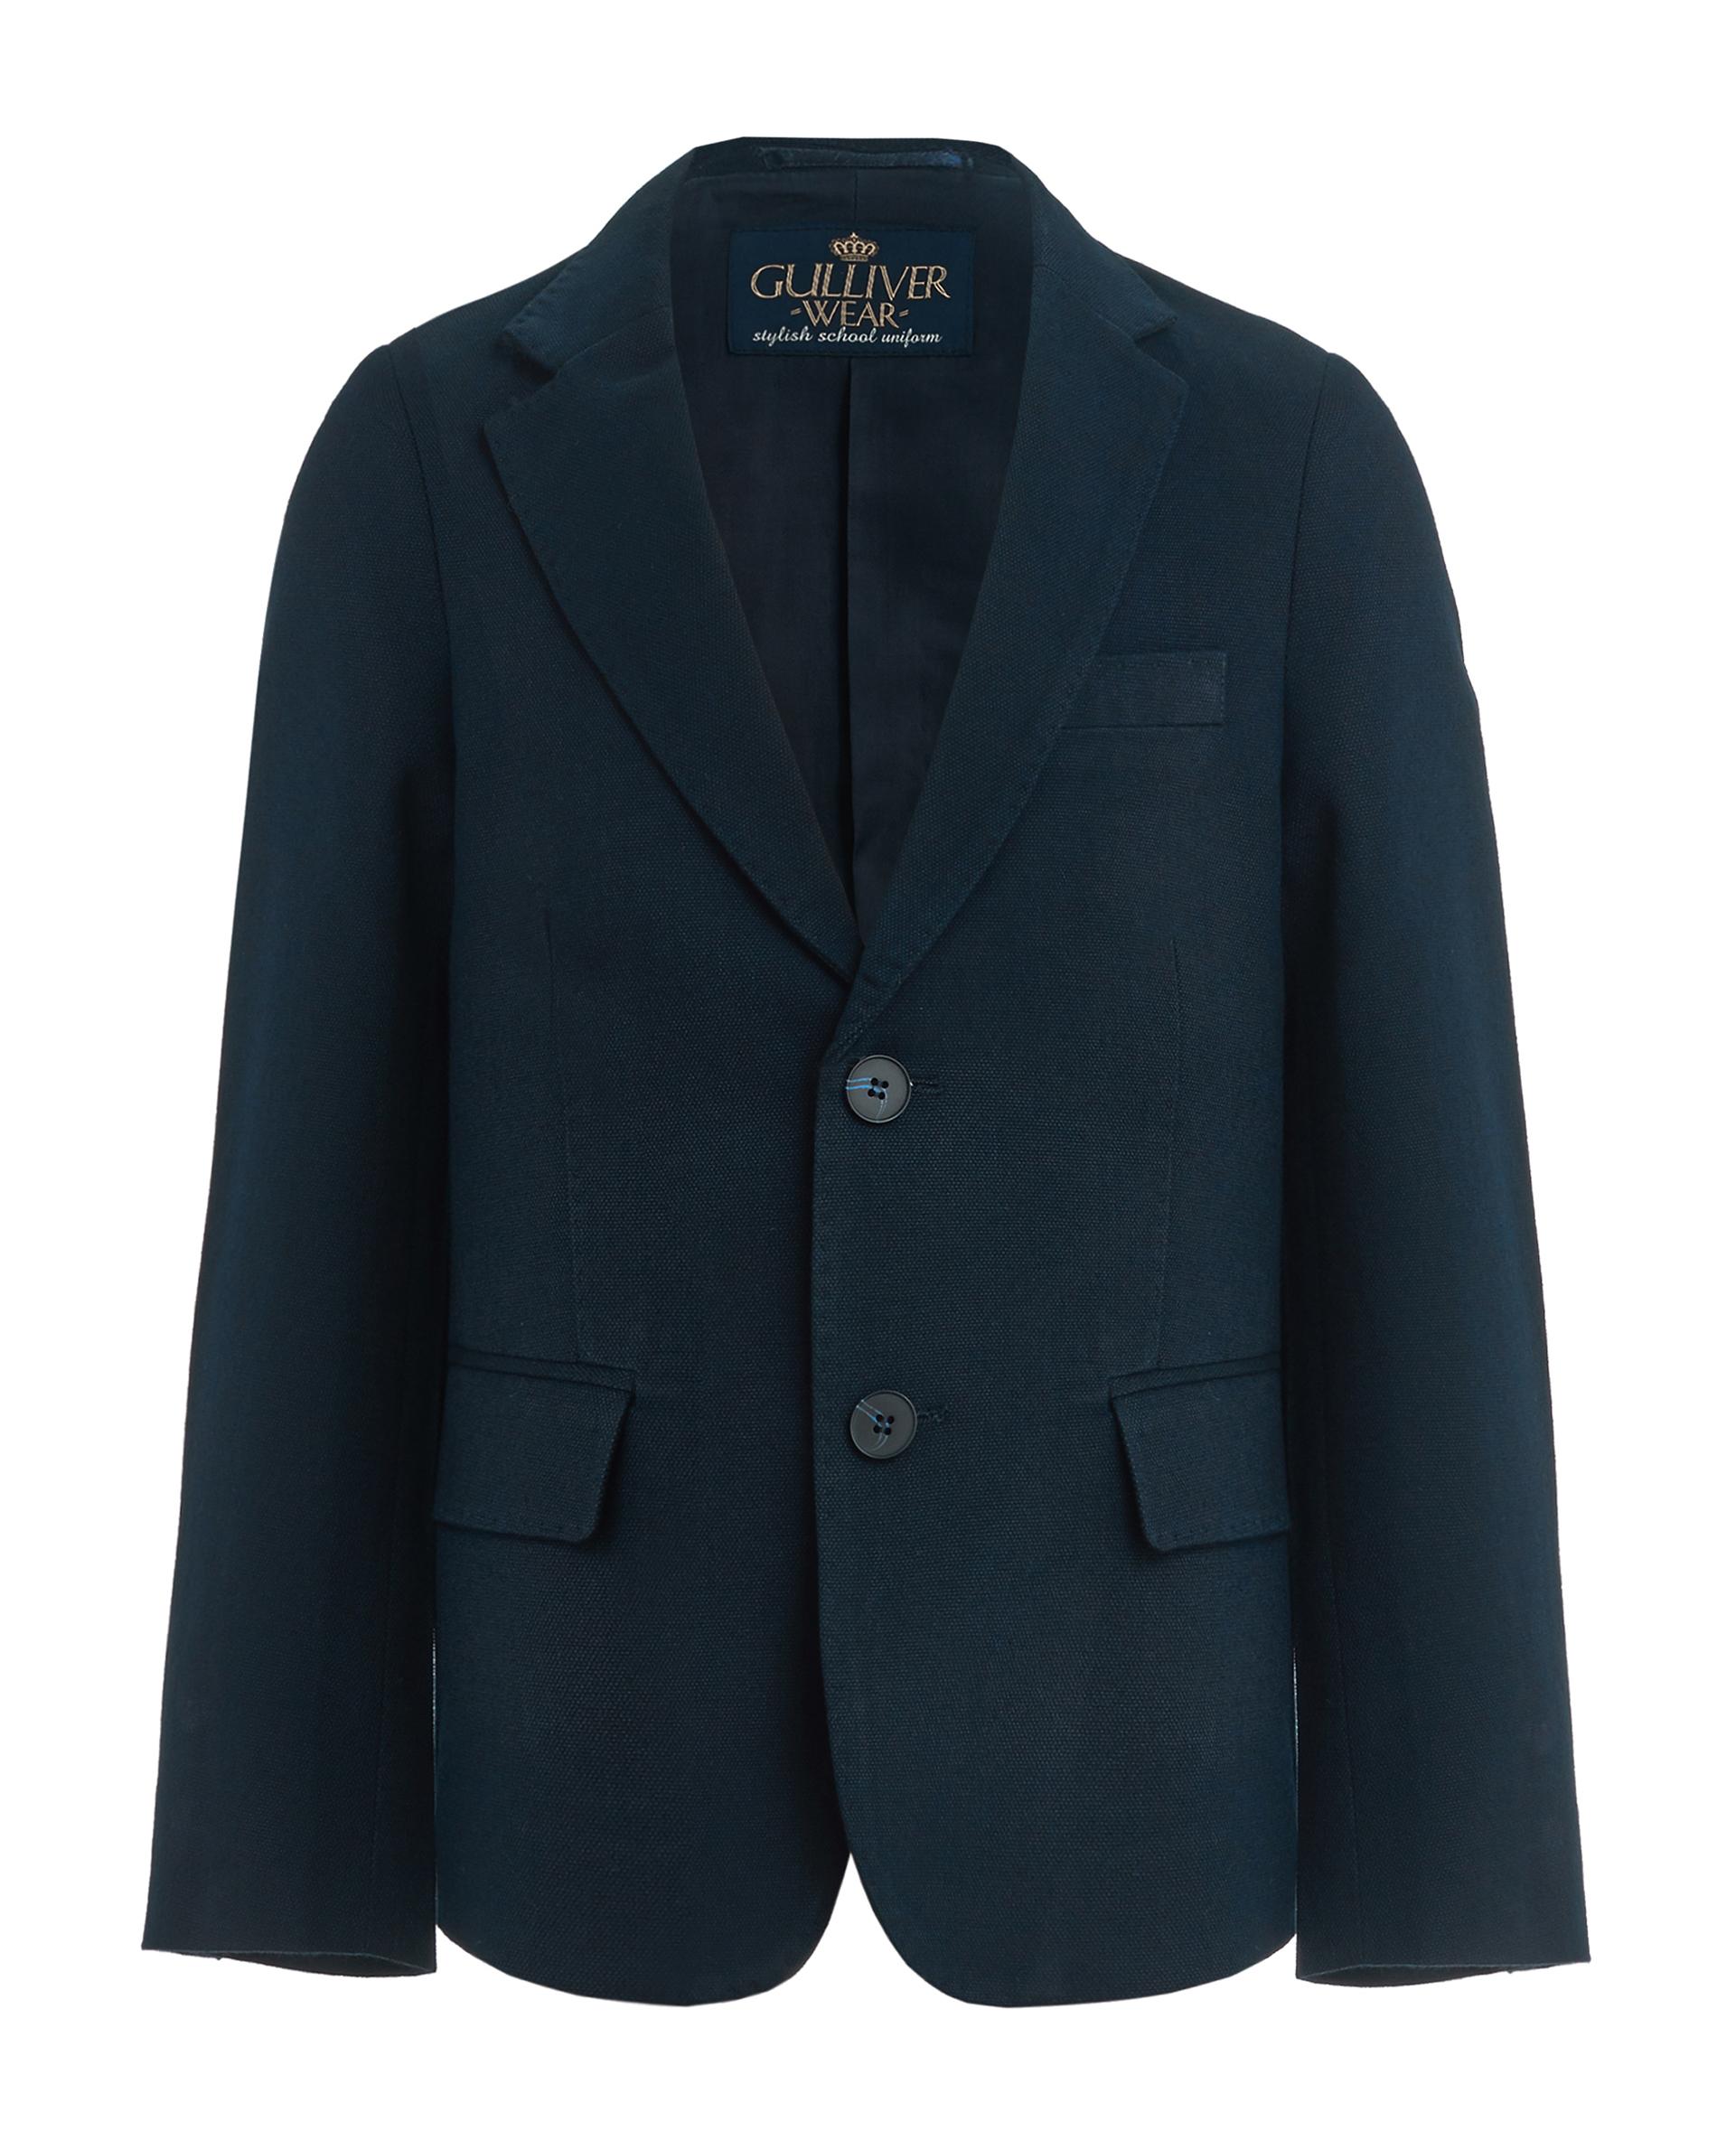 Купить 219GSBC4804, Синий твидовый пиджак Gulliver, синий, 140, Мужской, ШКОЛЬНАЯ ФОРМА 2019-2020 (shop: GulliverMarket Gulliver Market)